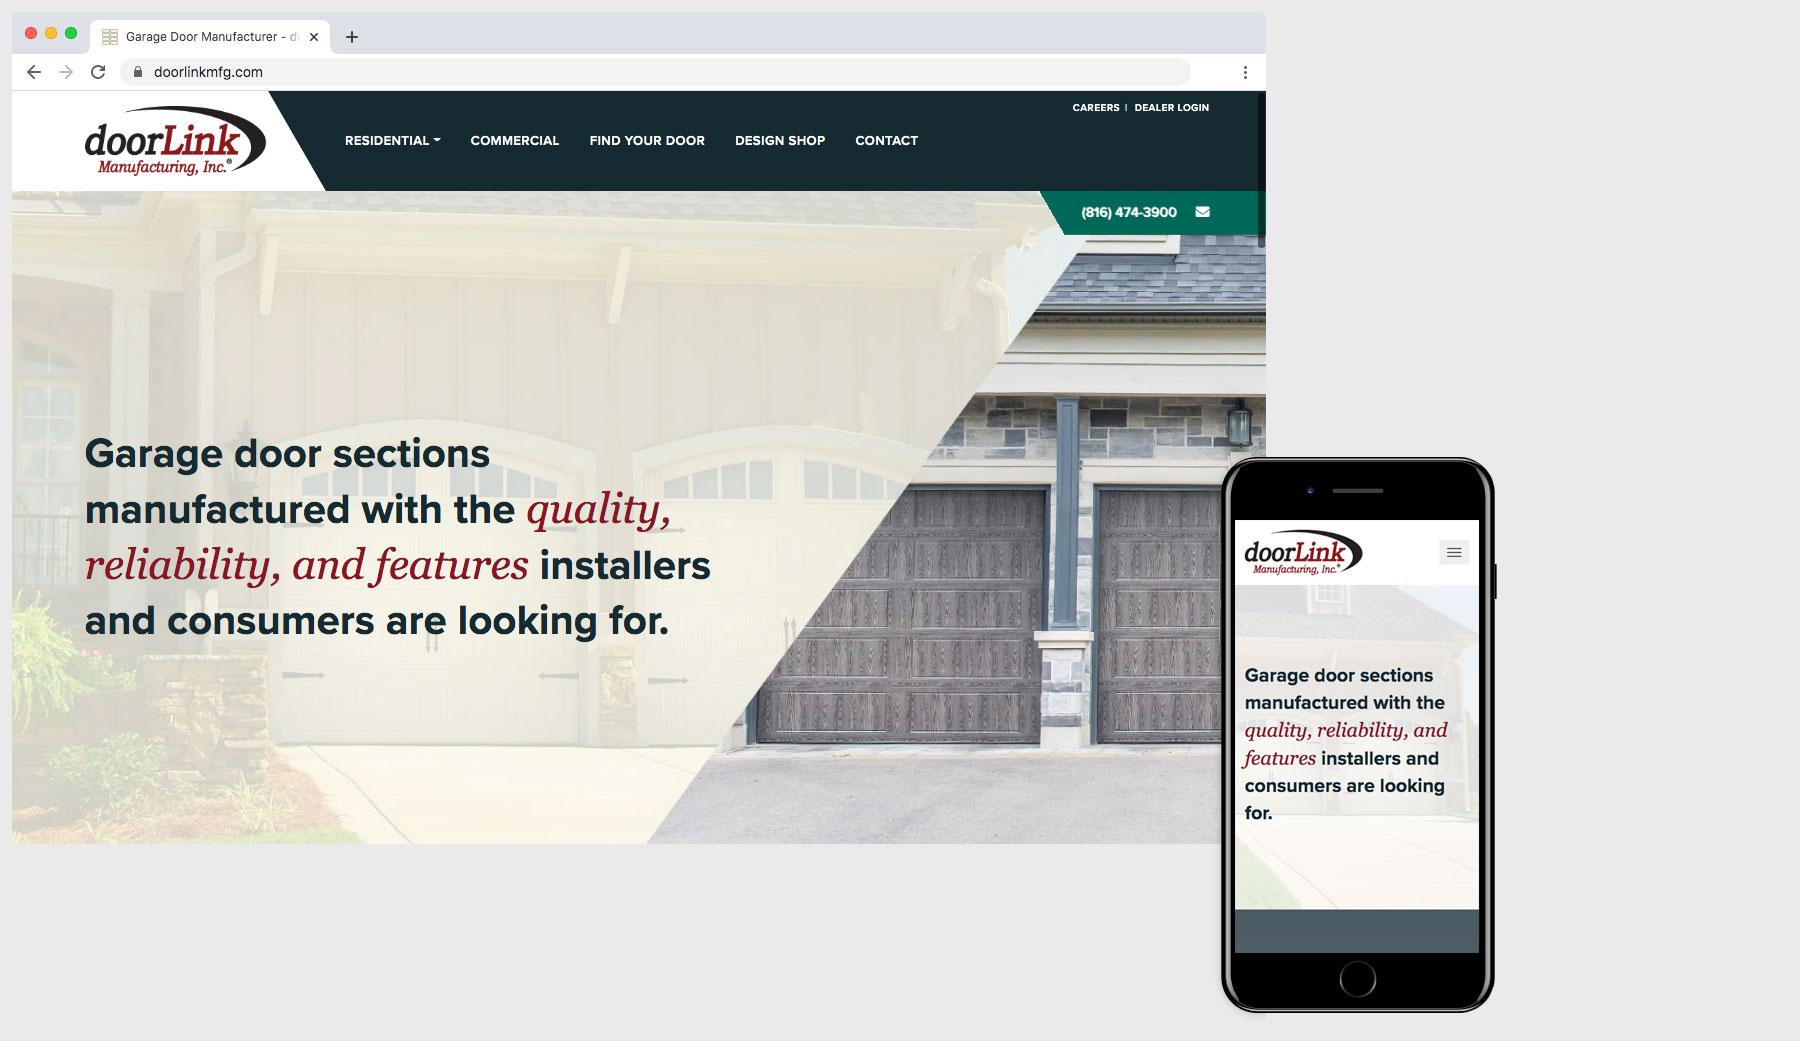 Custom Website Design & Development #1 - doorLink Manufacturing, Inc. - #1